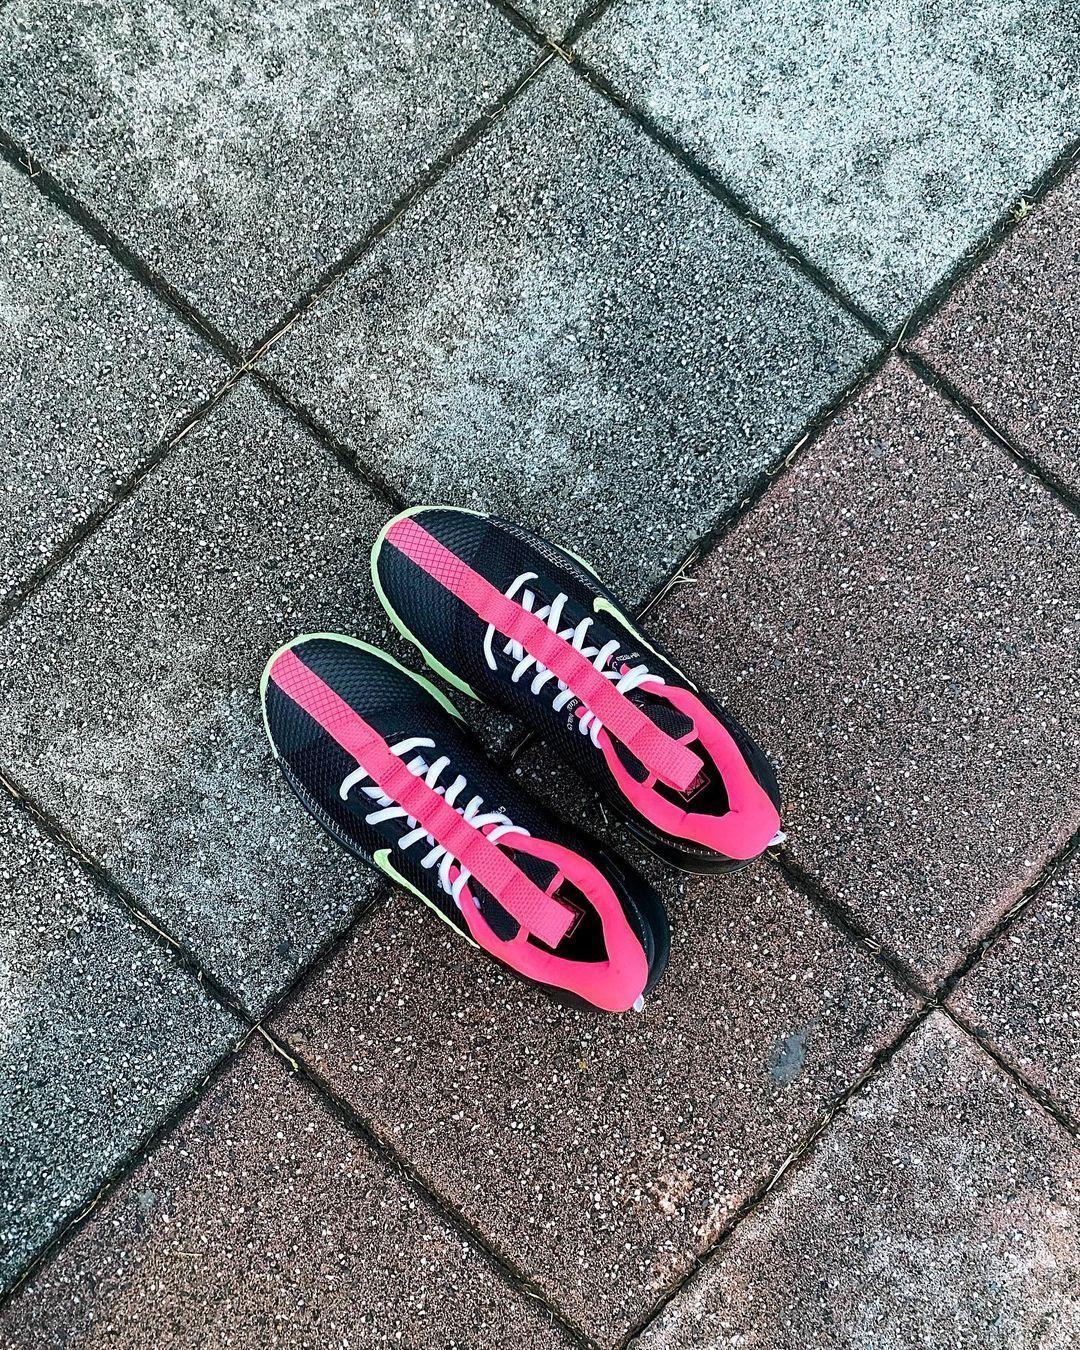 再现经典配色风格,实拍展示黑/微黄绿/透明粉色Nike Ambassador XIII